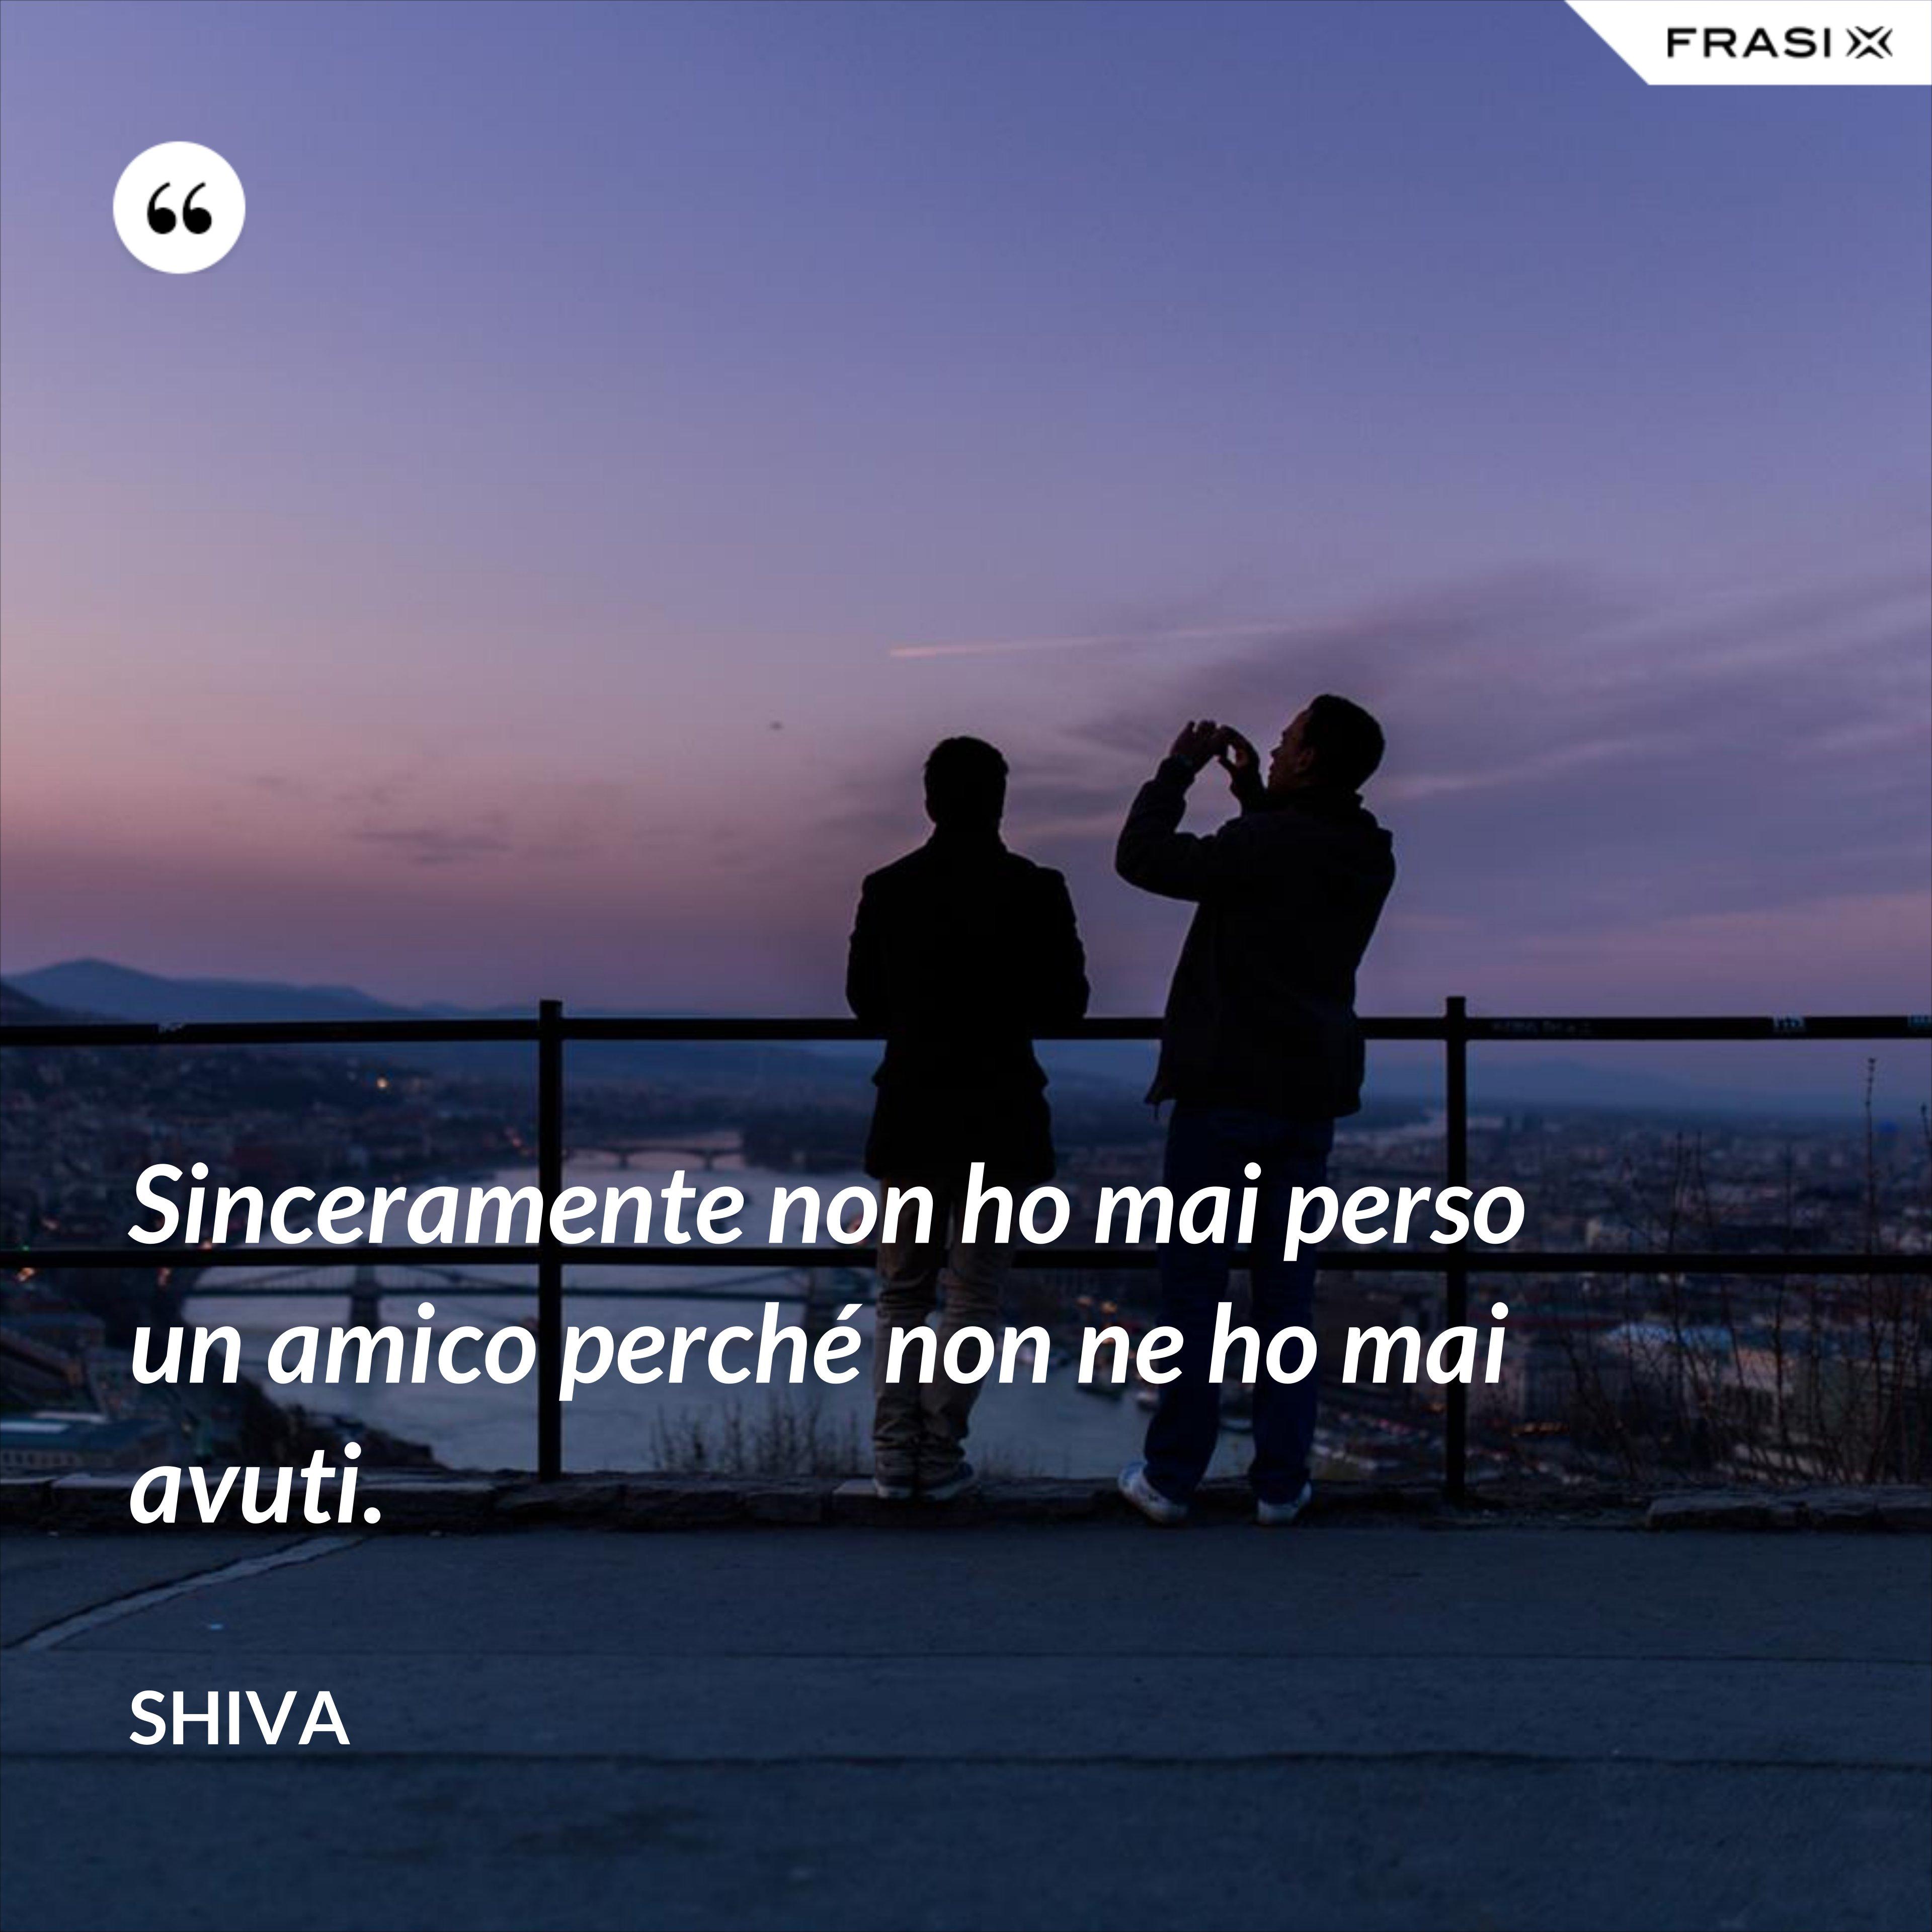 Sinceramente non ho mai perso un amico perché non ne ho mai avuti. - Shiva